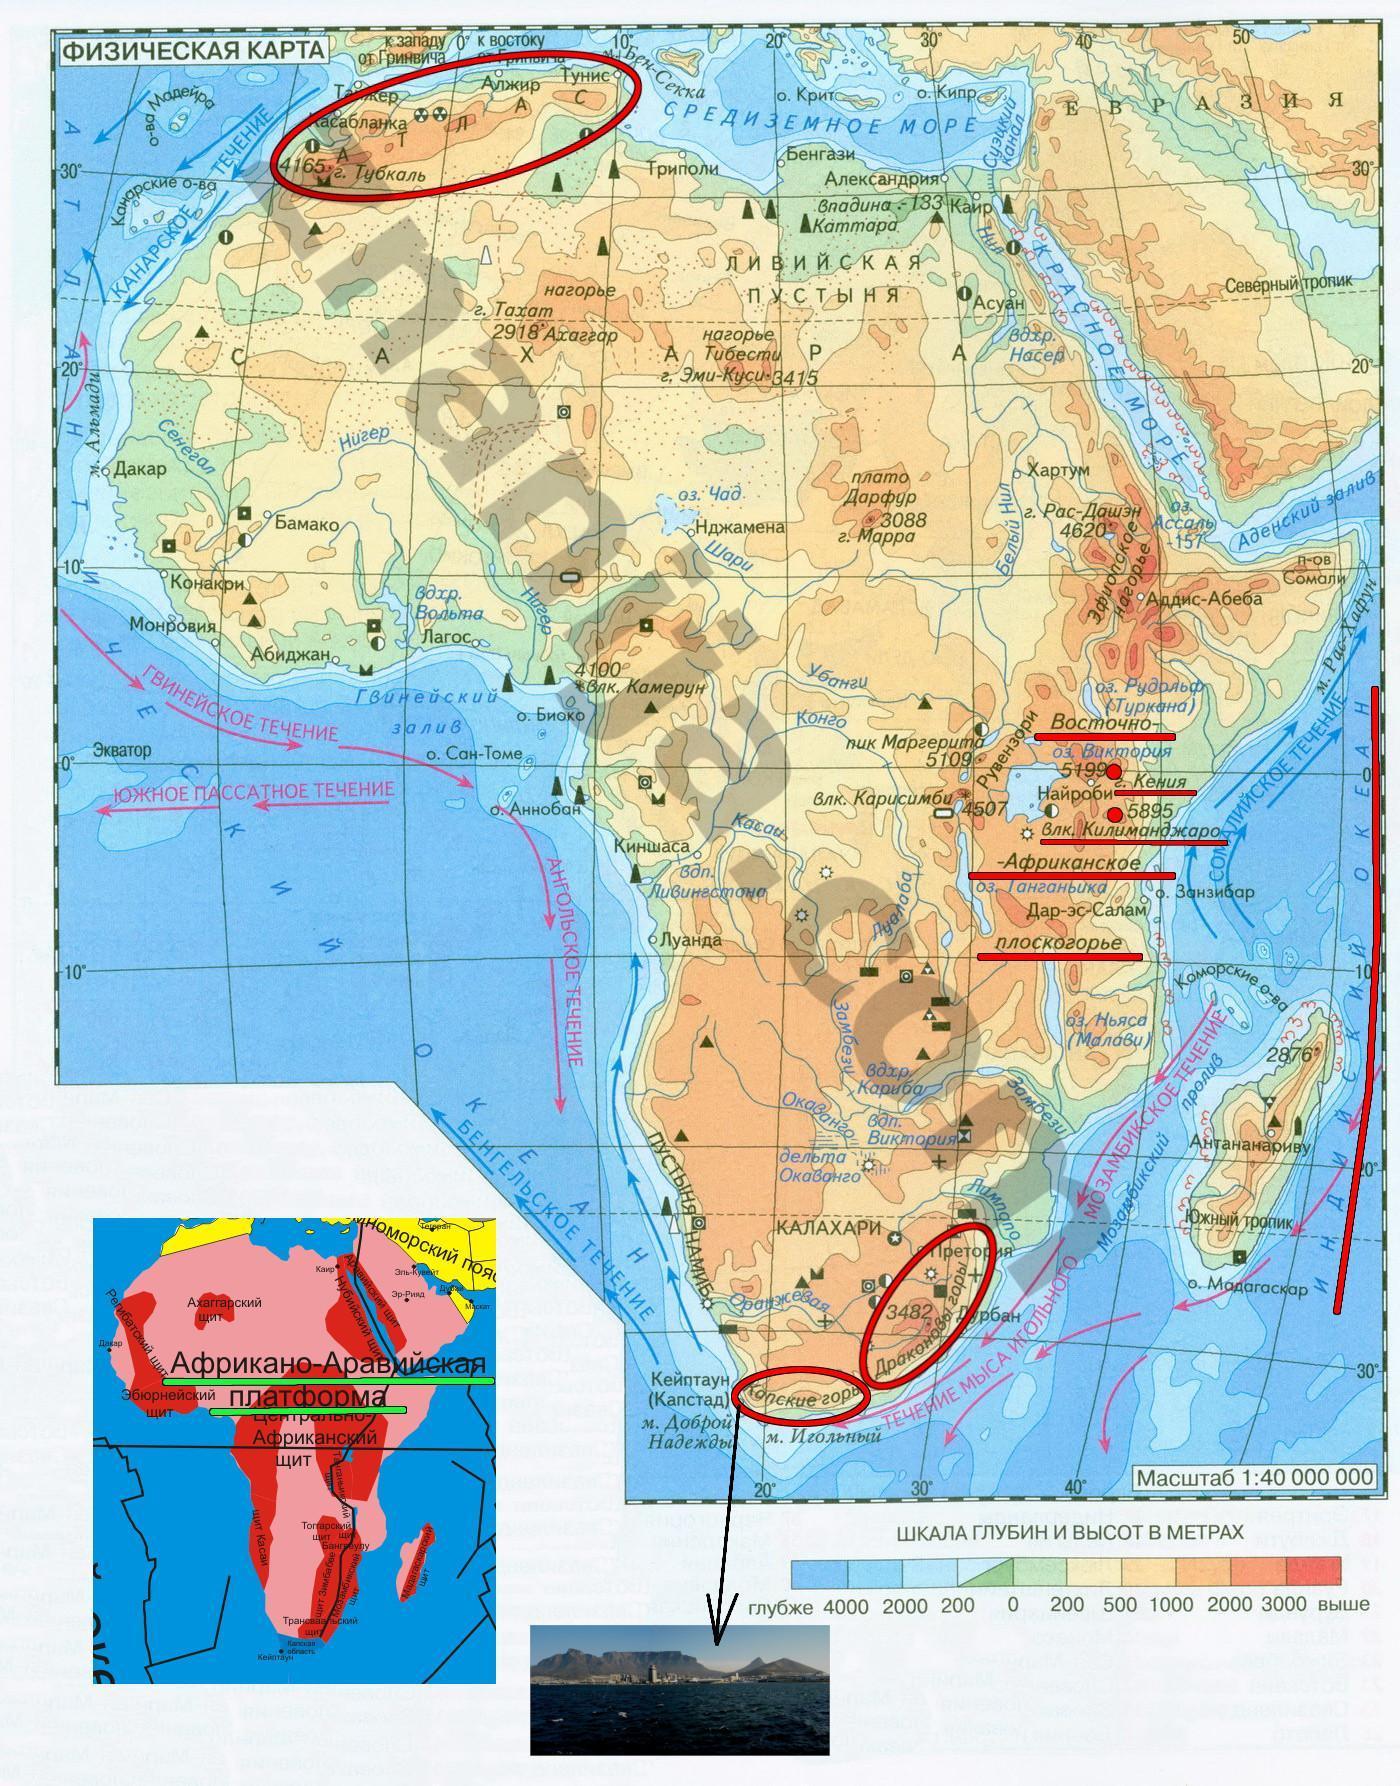 по площади материка африки занимает ответы